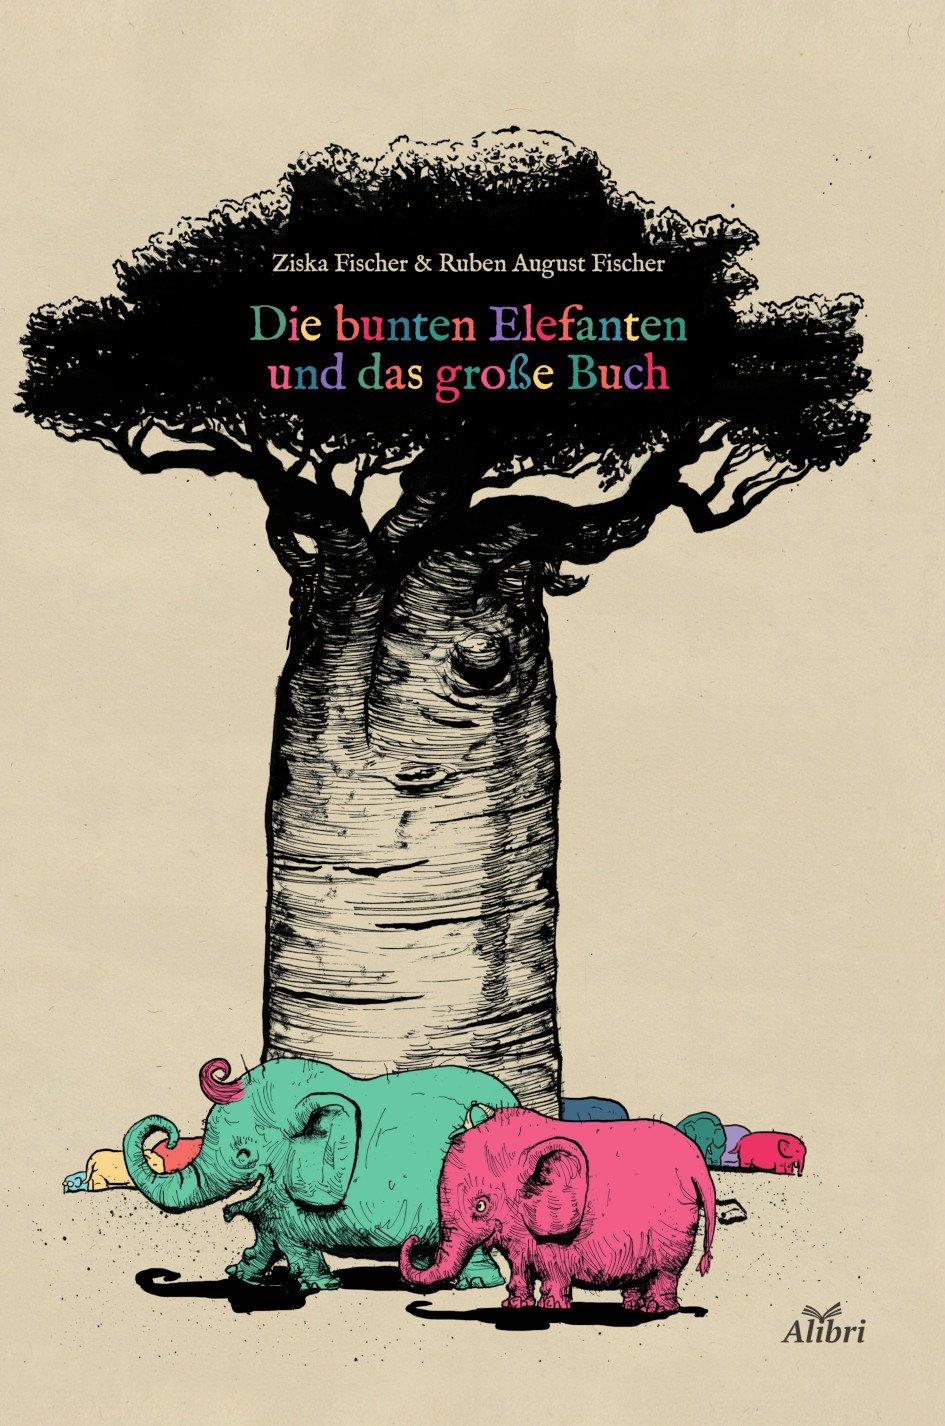 Die bunten Elefanten und das große Buch